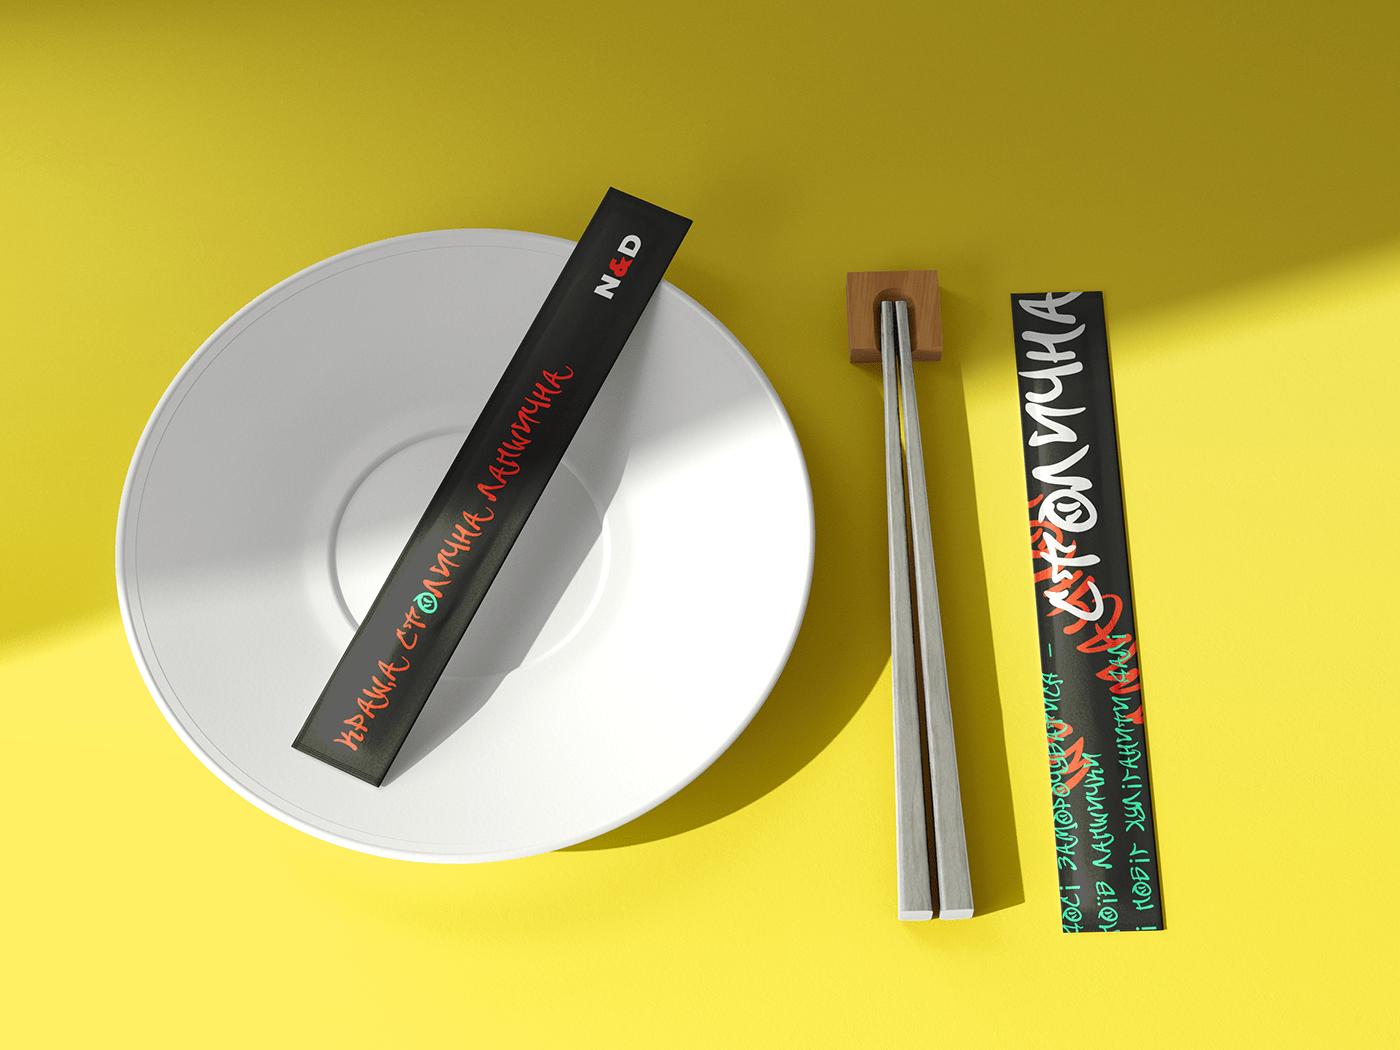 branding  Food  Graffiti identity logo noodle packing rebranding restaurant social